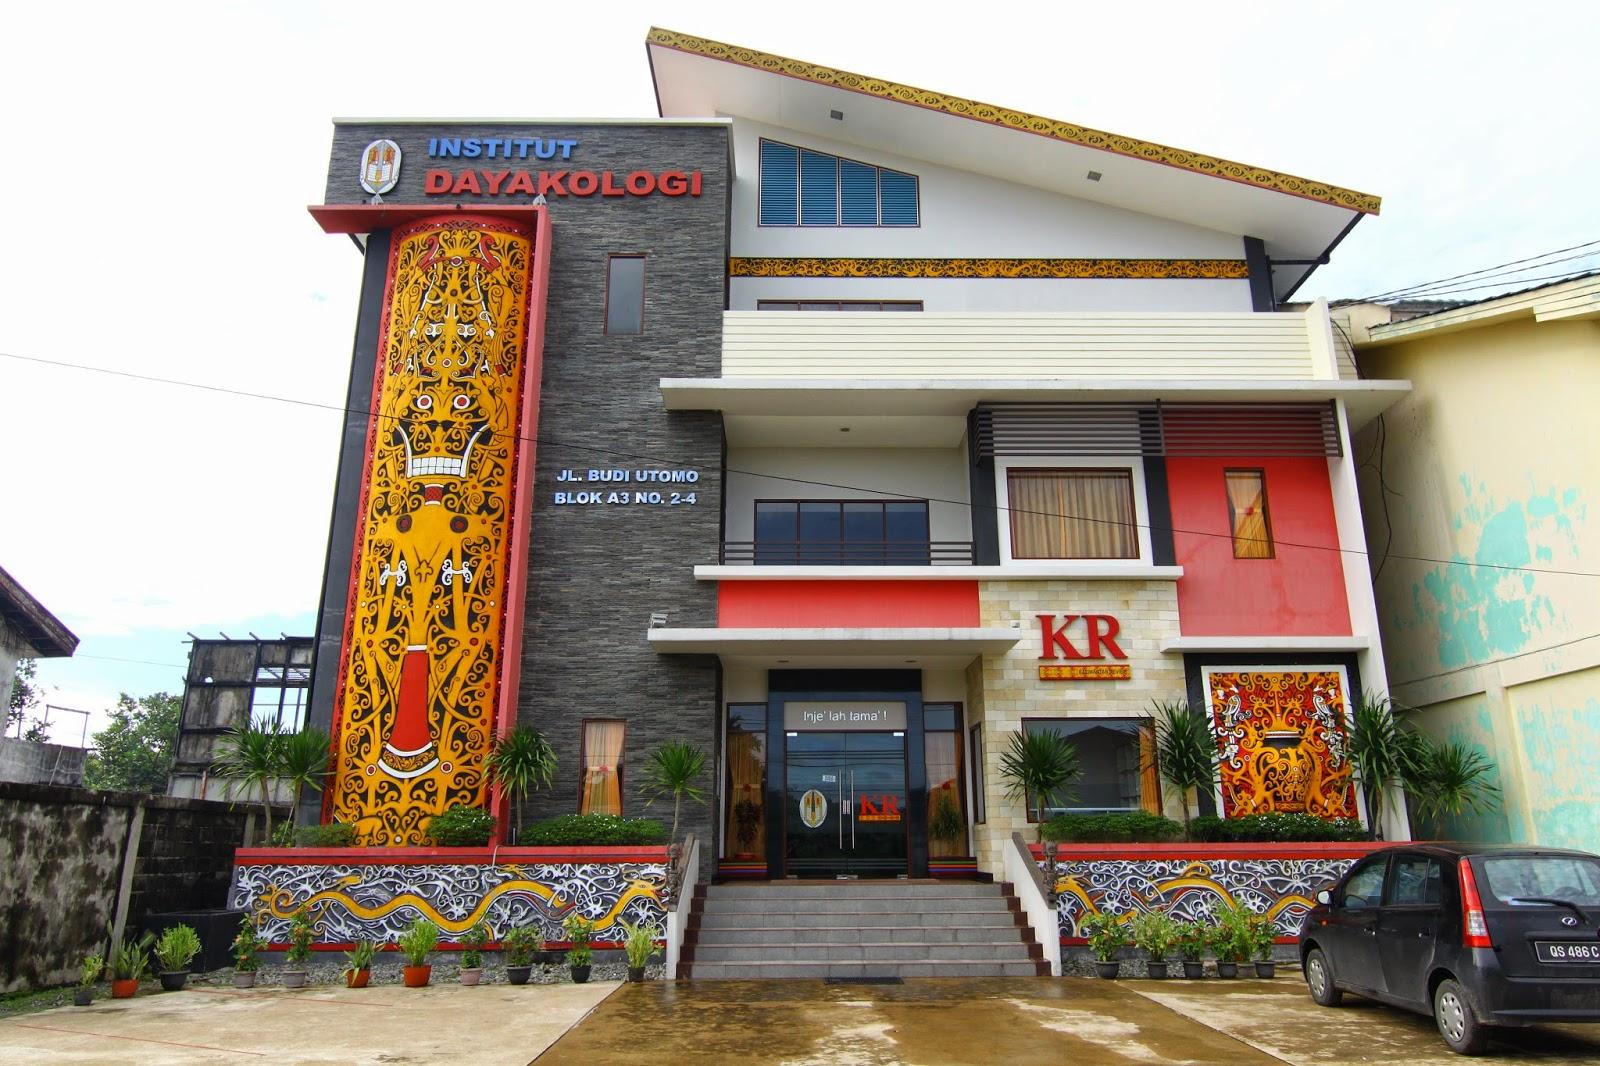 Bangunan Institut Dayakologi yang tersergam indah